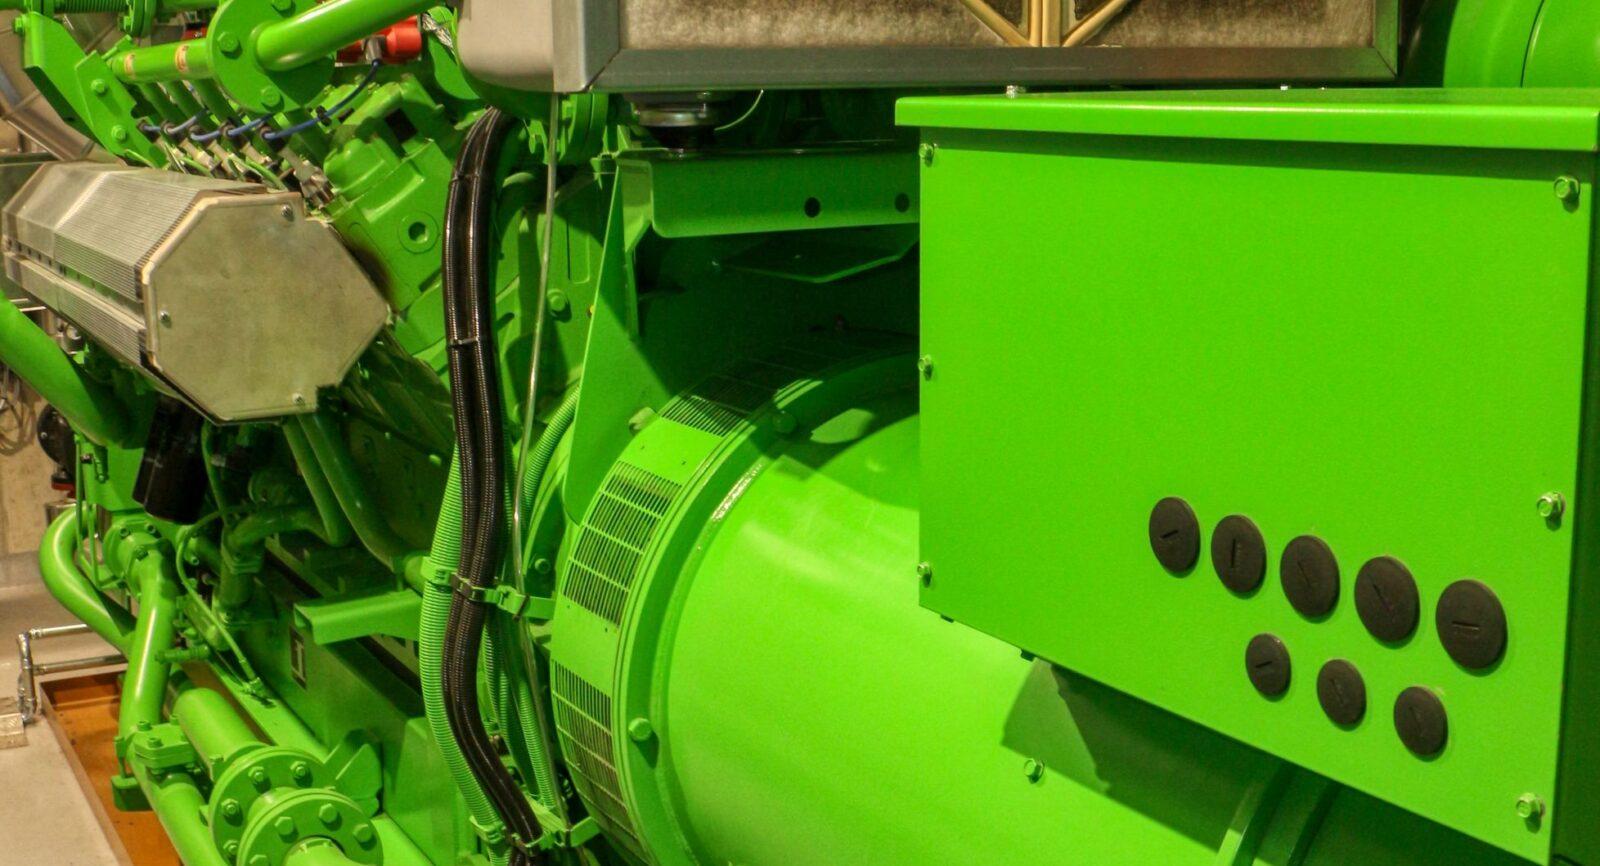 Die BiEAG baute erst kürzlich einen neuen Gasmotor des Herstellers INNIO Jenbacher ein, der gegenüber dem bisherigen Motor deutlich höhere thermische (480 kW – Vorgängermodell 440 kW) und elektrische (440 kW – Vorgänger: 300 kW) Leistung aufweist.